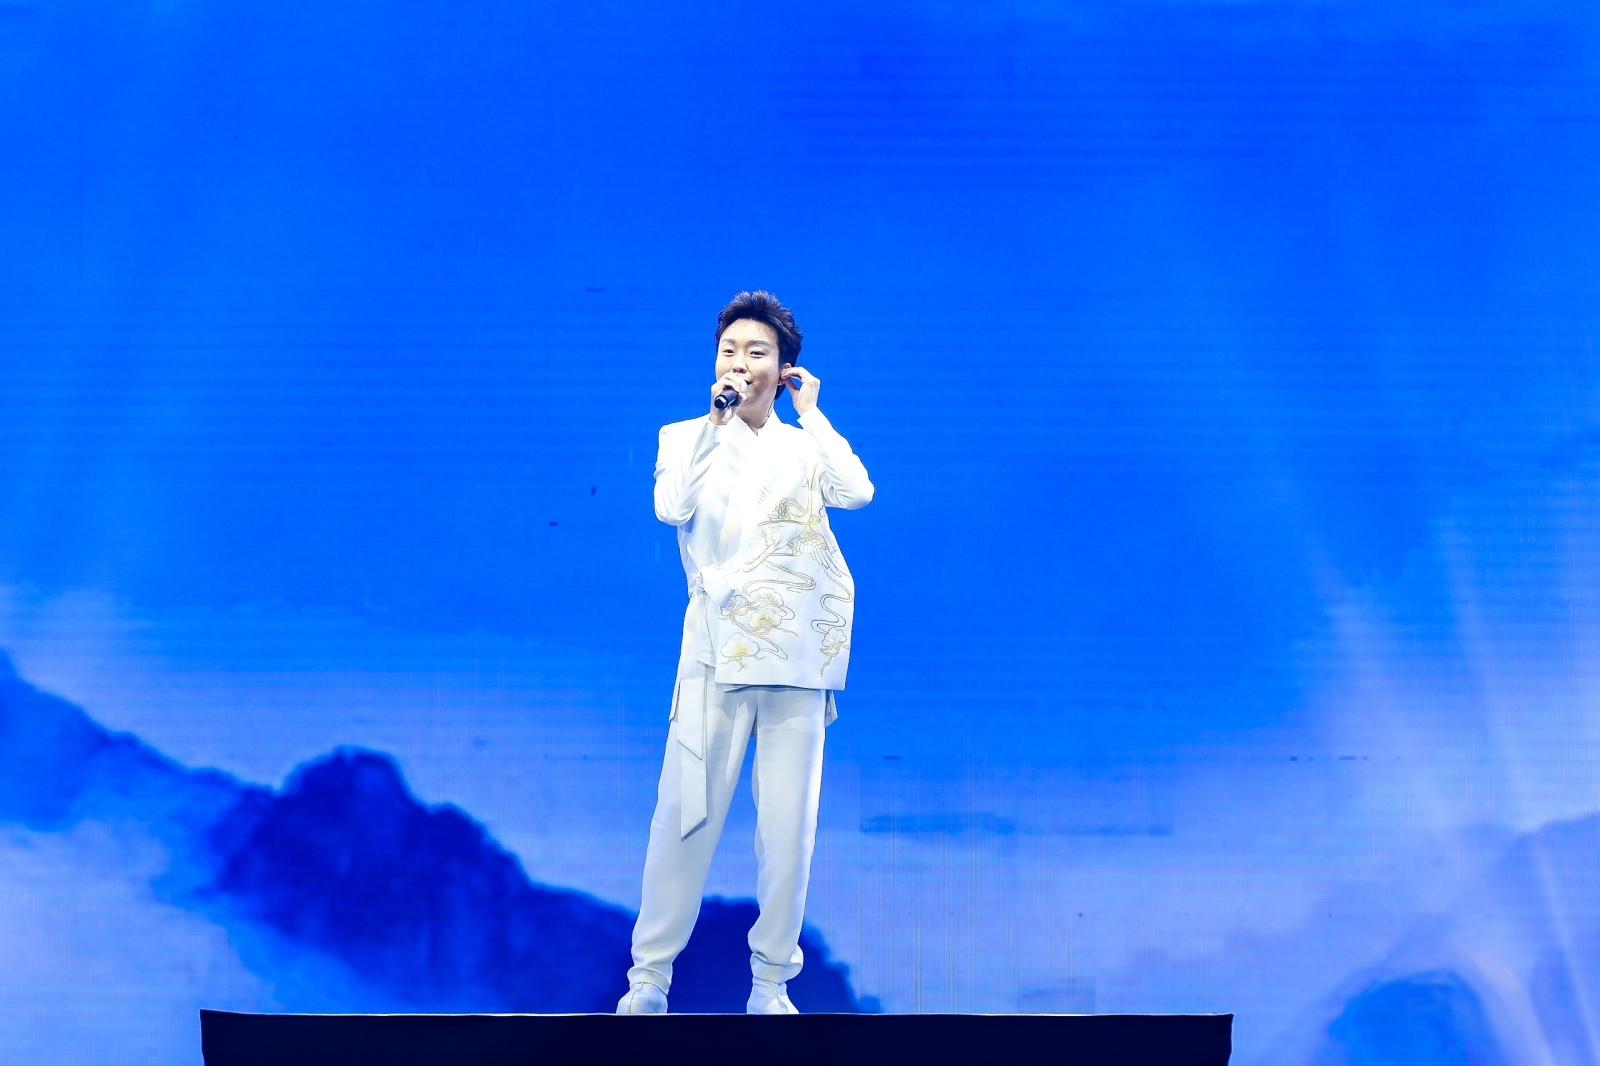 李玉刚:感谢你们对传统文化和国风音乐的喜爱与传承